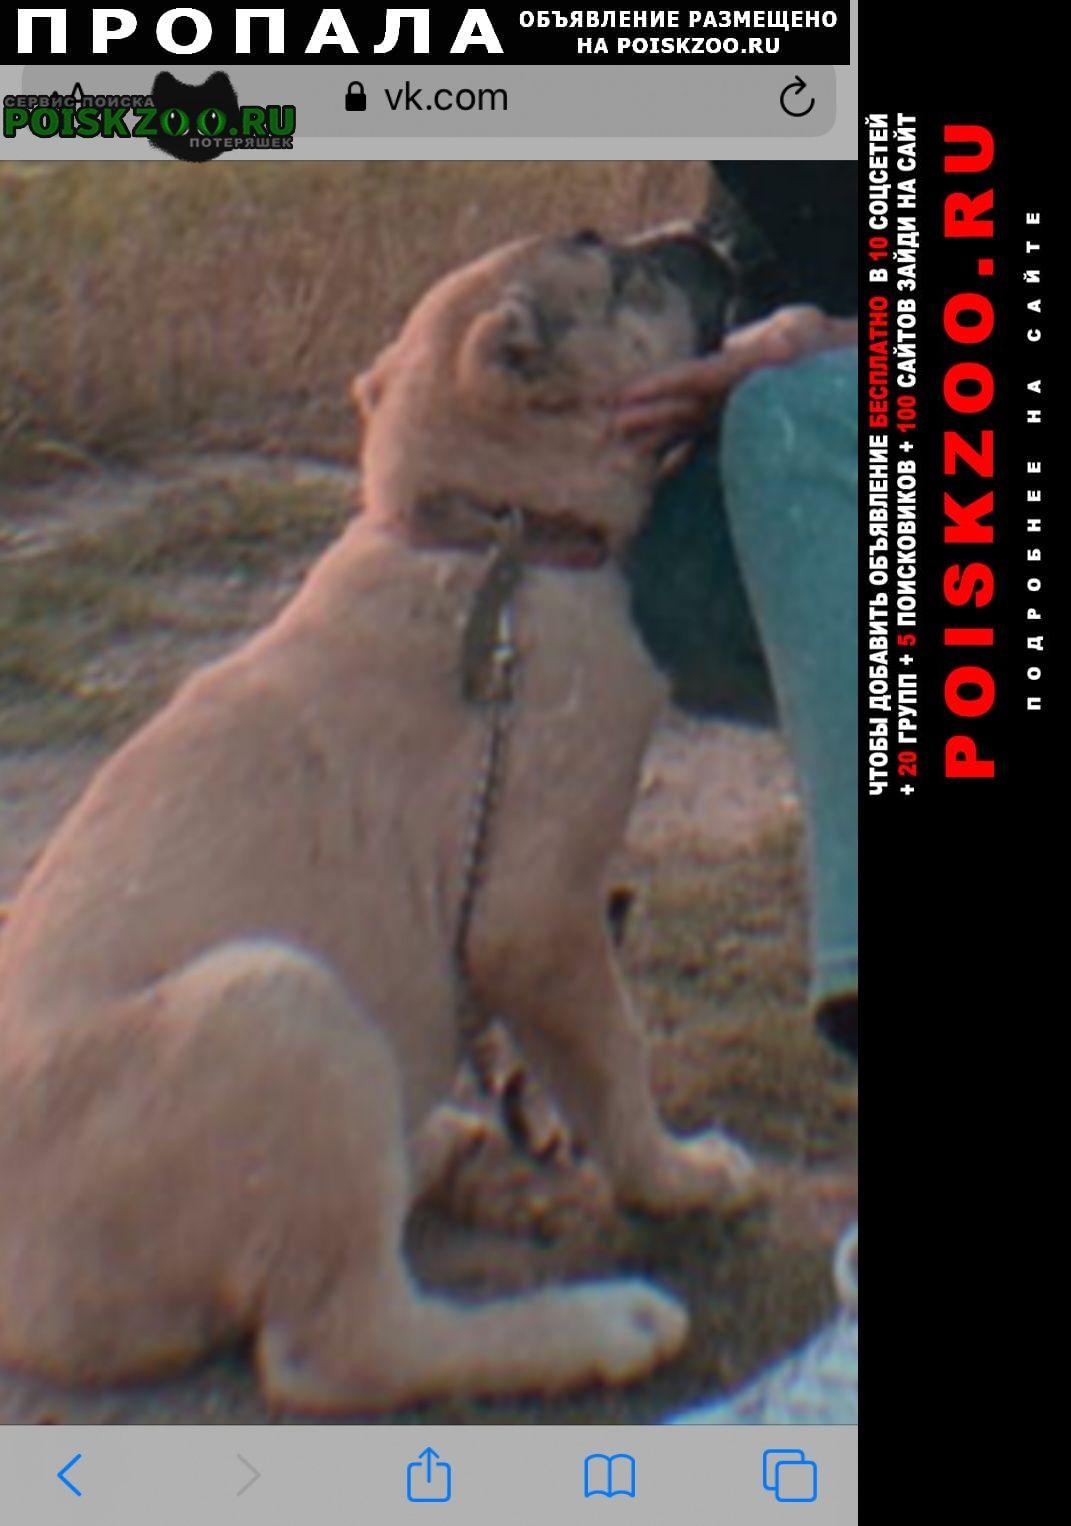 Пропала собака зовут аза Армавир